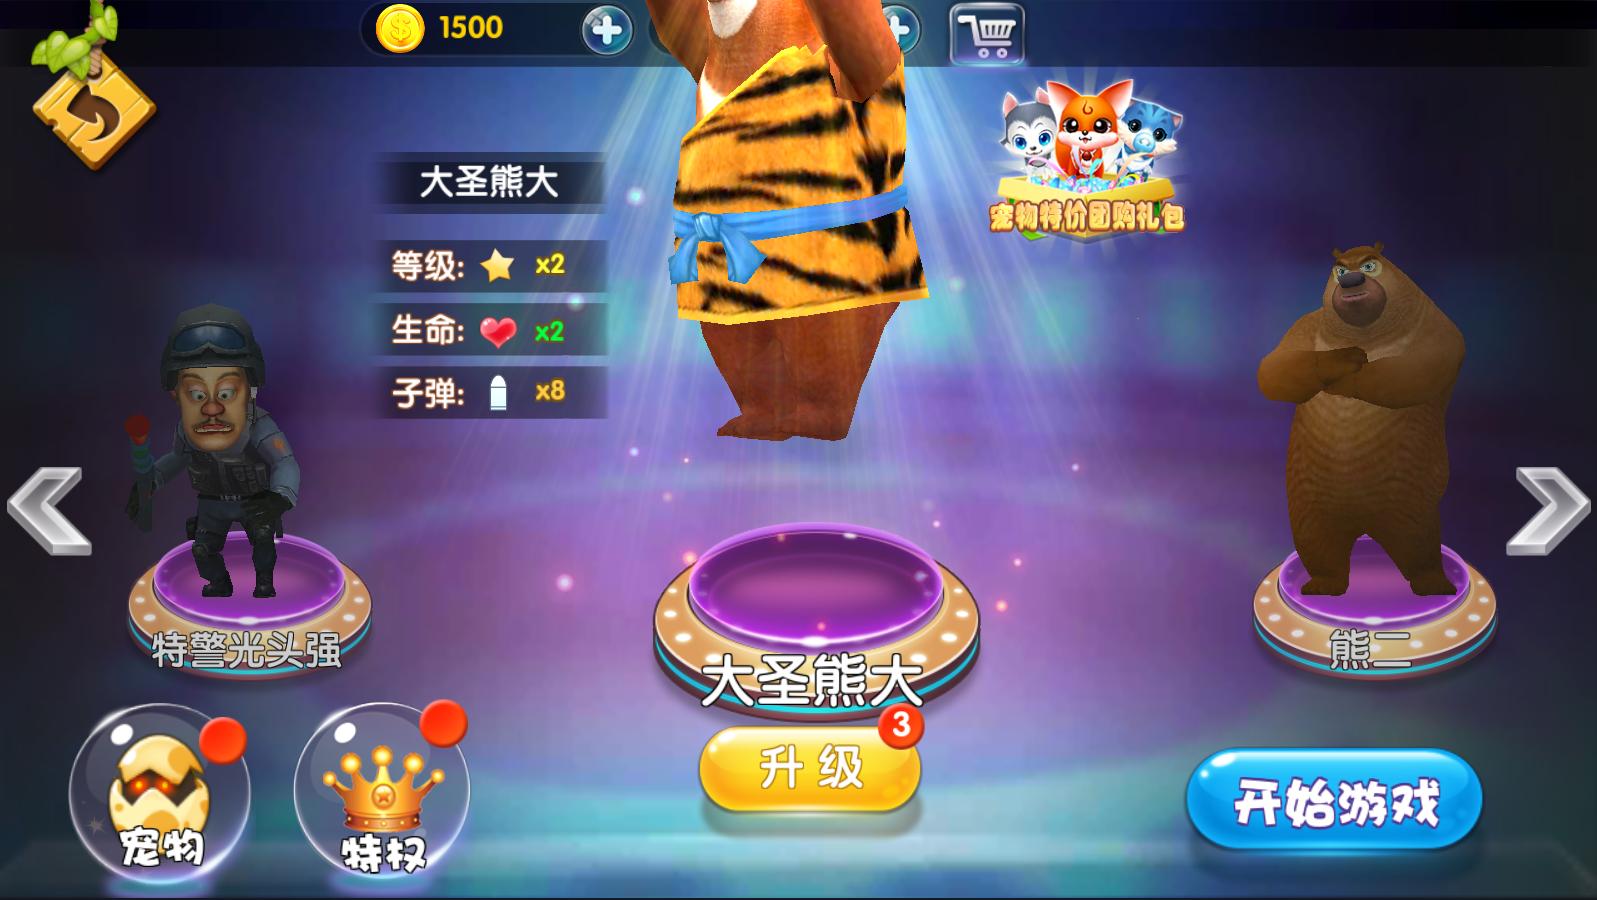 熊出没大冒险破解版(3)